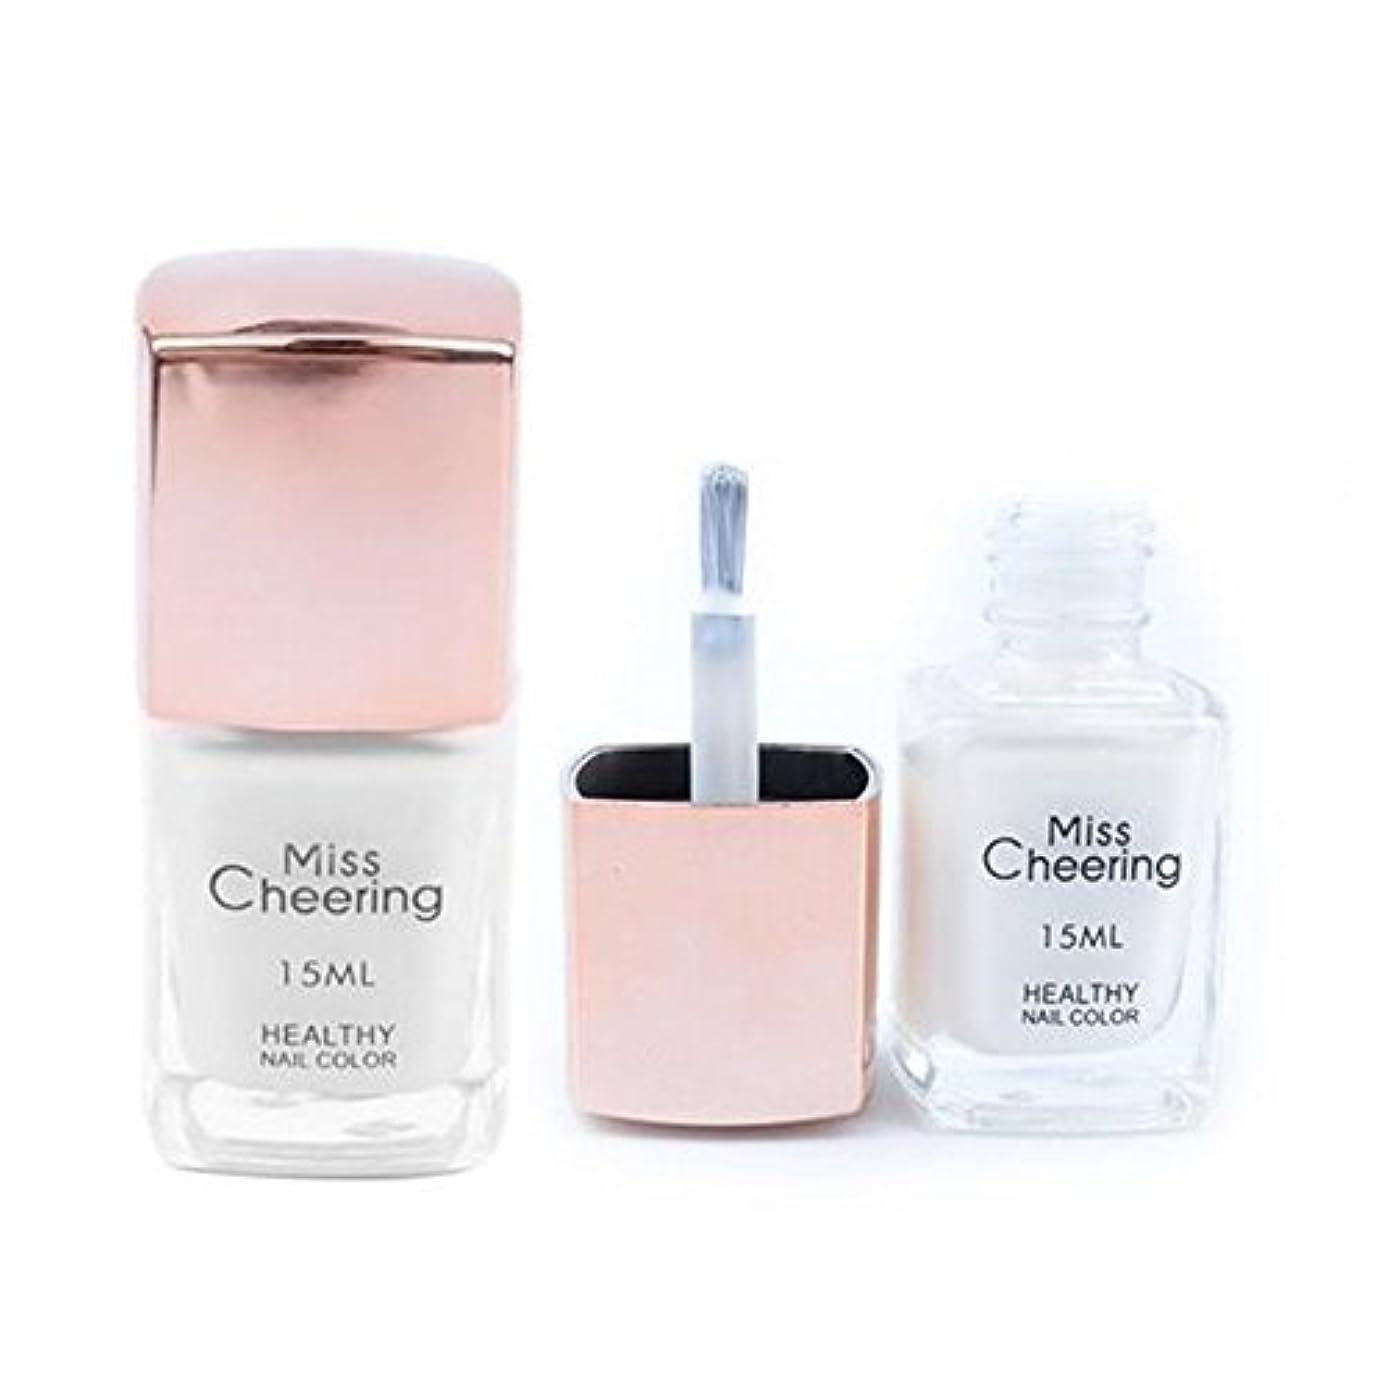 悪質な種をまくチャールズキージング1ボトル 15ML ピールオフリキッドネイル Peel Off Nail Creamスキンクリームスキンケアベースコード ネイルケアネイル用品ネイルアートピンク ホワイト ブルー3色から選べ (ホワイト)